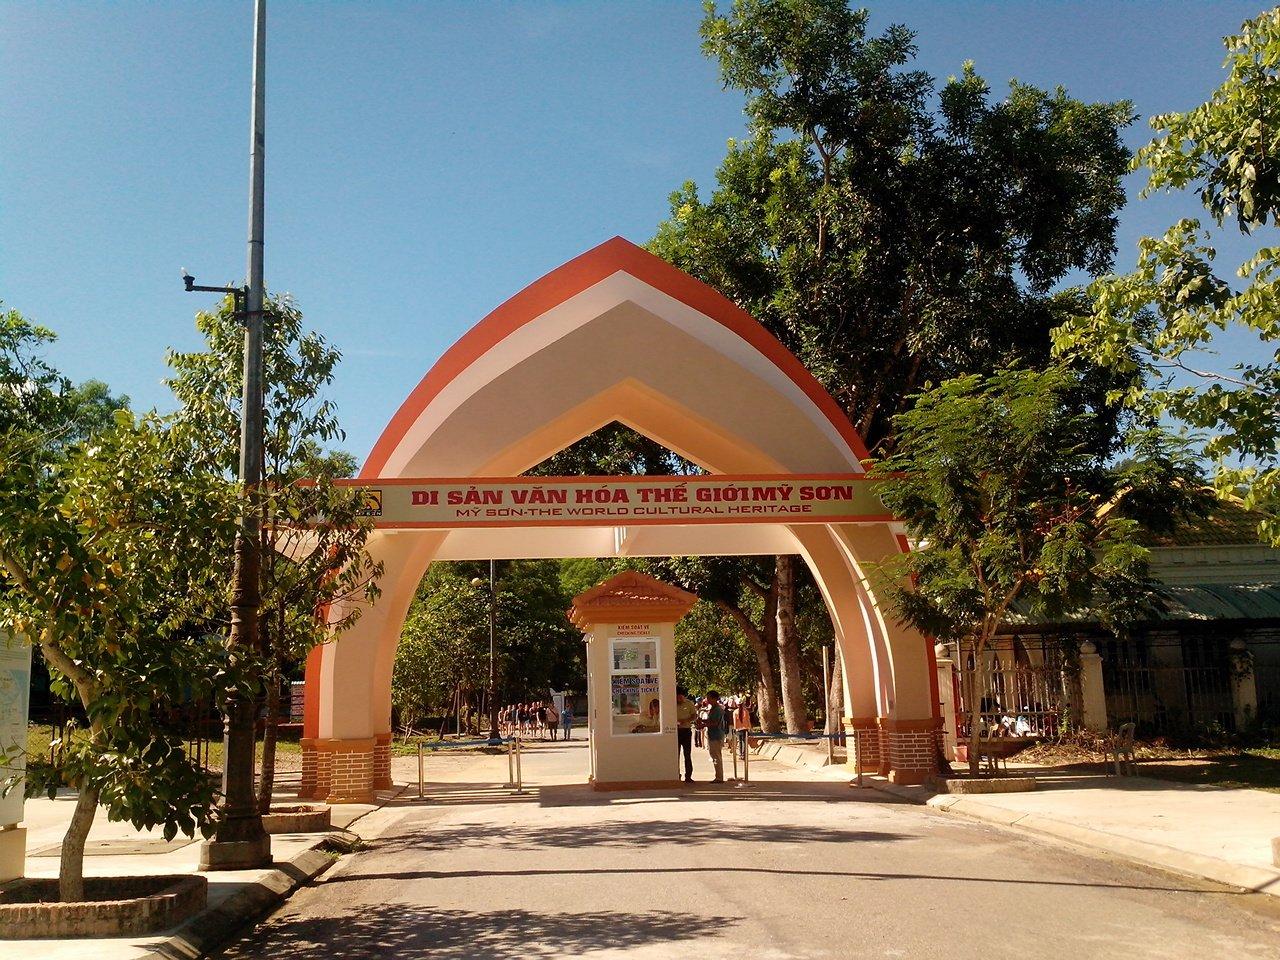 Quảng Nam: Khu đền tháp Mỹ Sơn mở cửa đón khách tham quan trở lại